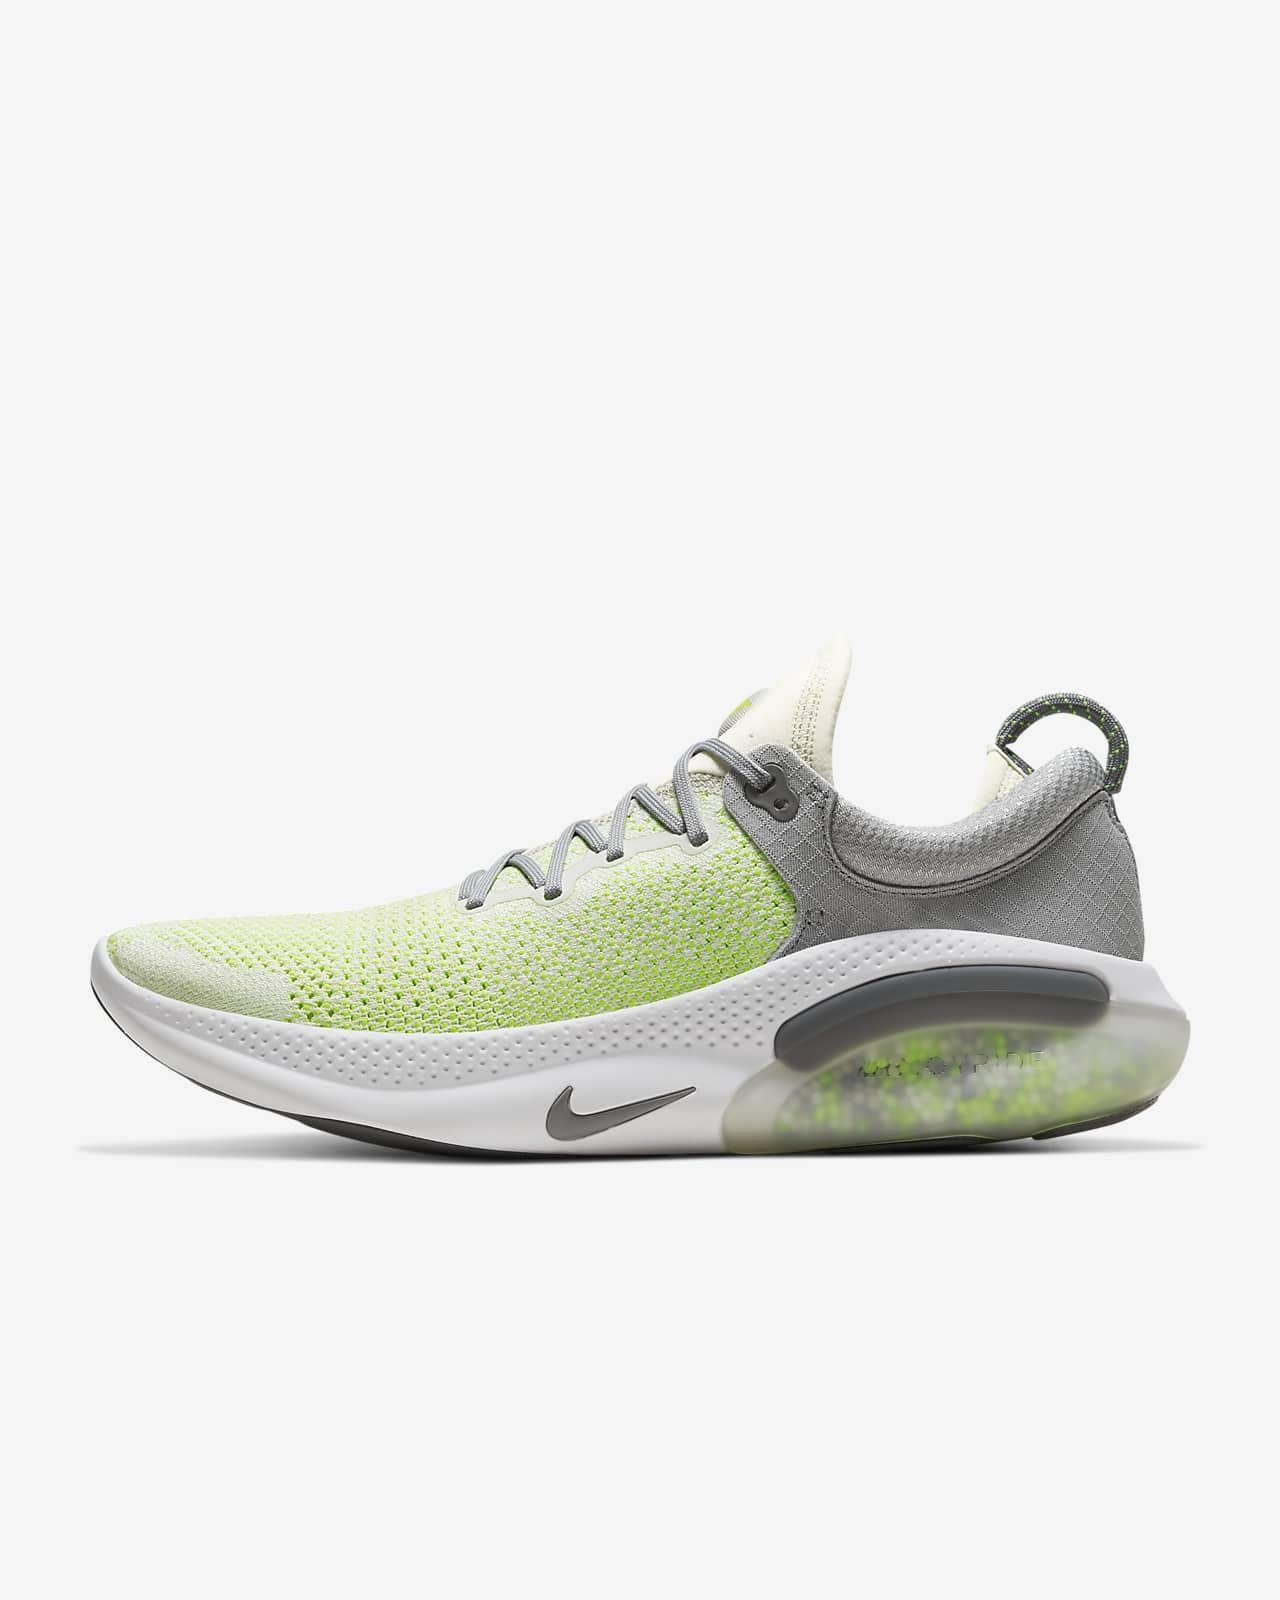 รองเท้าวิ่งผู้ชาย Nike Joyride Run Flyknit